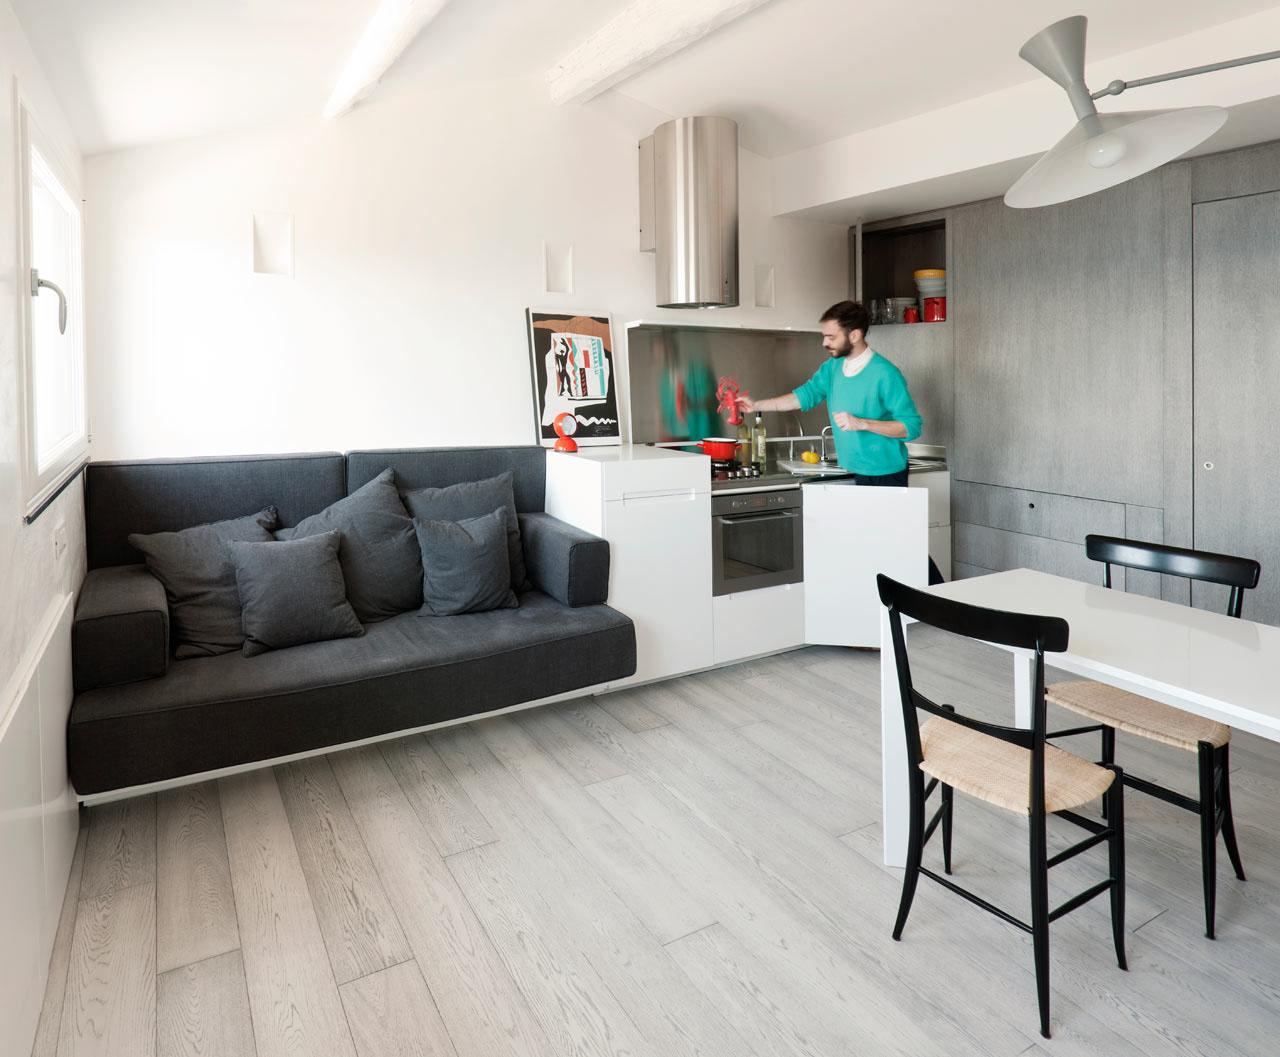 Дизайн интерьера квартиры 30 кв.м